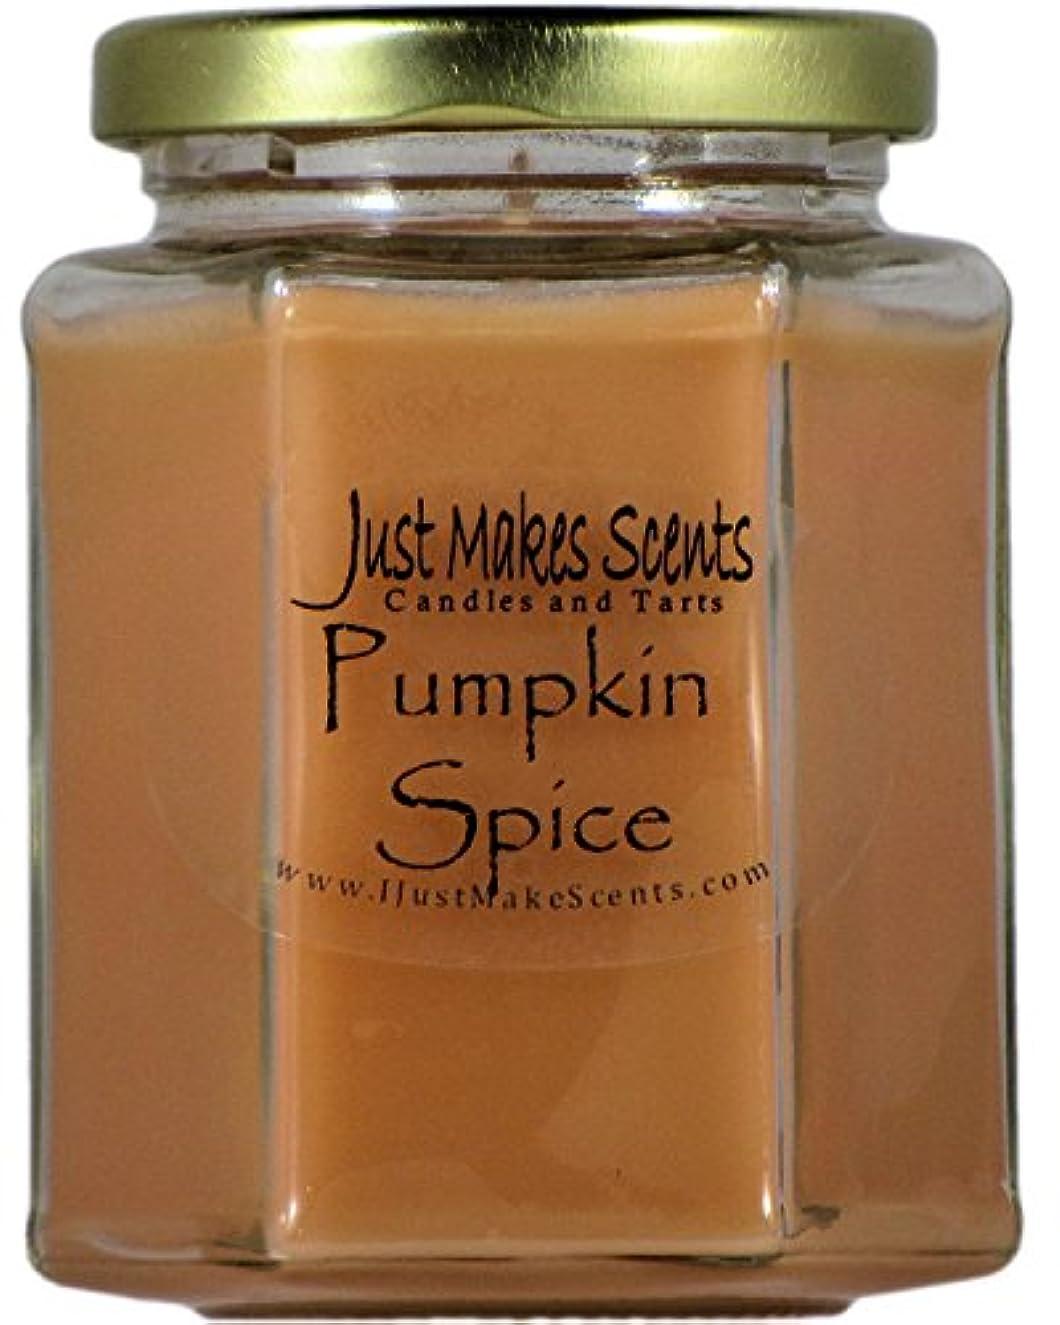 二年生意気込み変形Pumpkin Spice香りつきBlended Soy Candle | Great Smelling Fall Fragrance |手Poured in the USA by Just Makes Scents